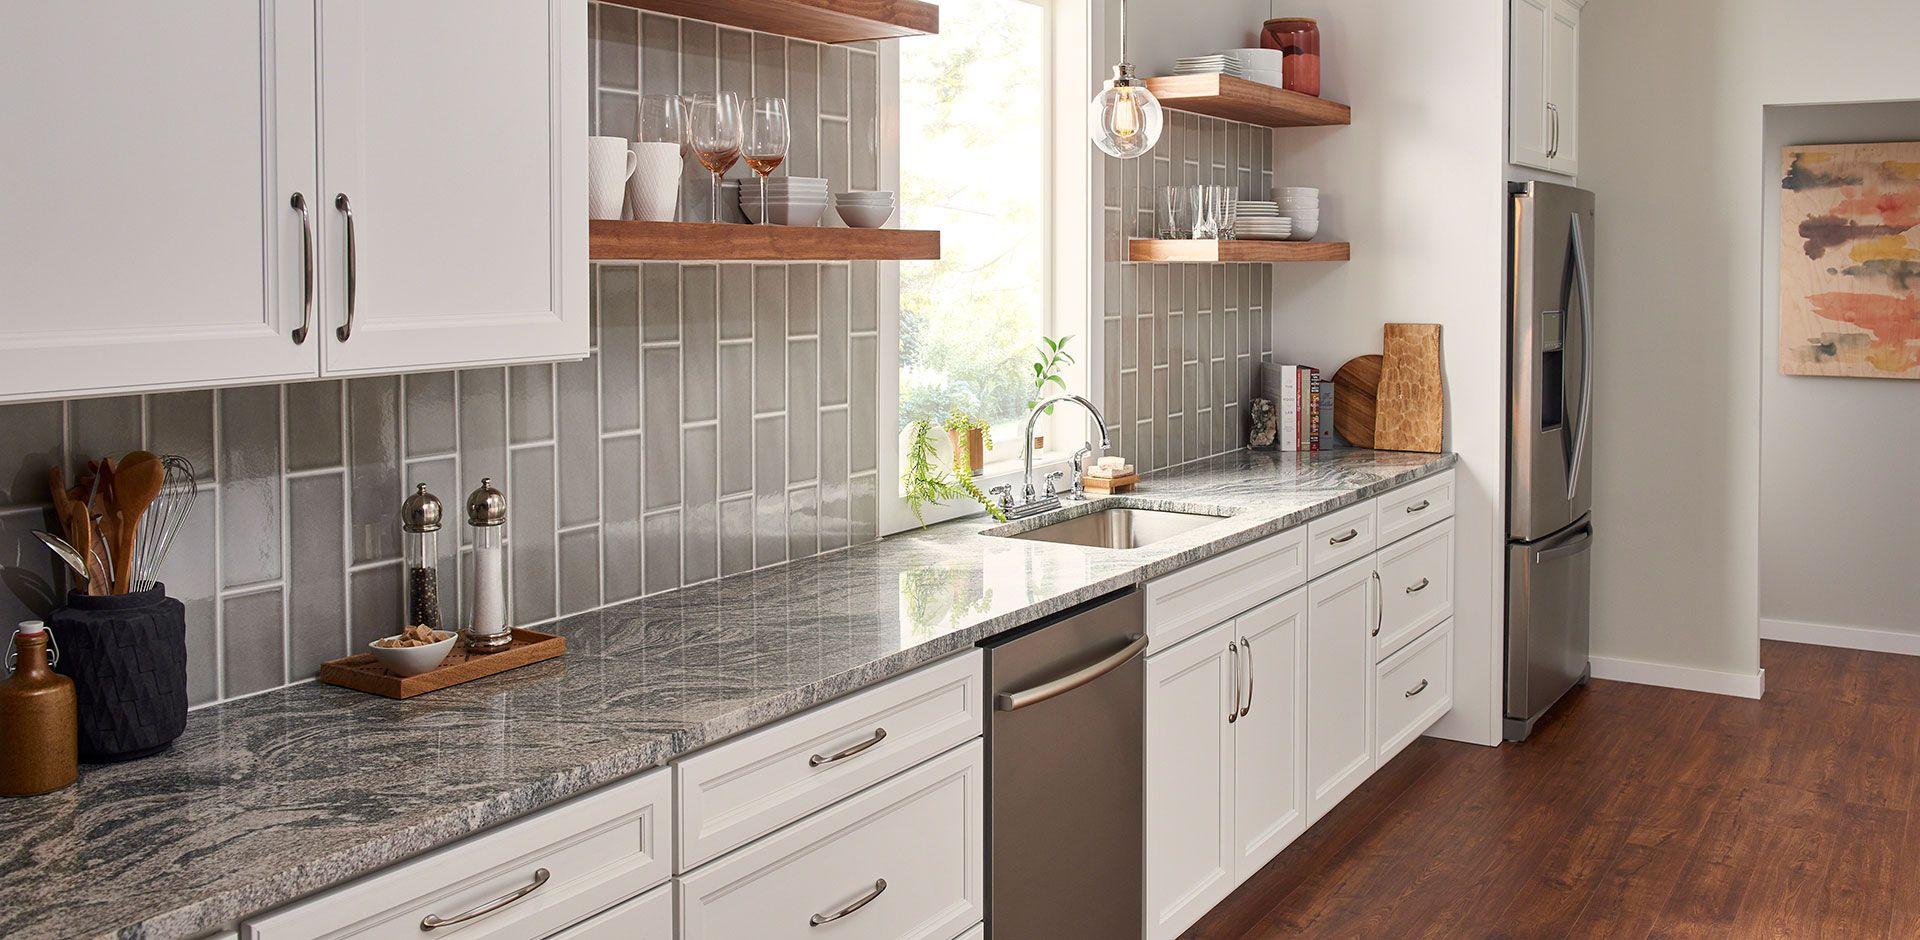 Silver Creek Granite Room Scene In 2020 Countertops Kitchen Remodel Kitchen Design